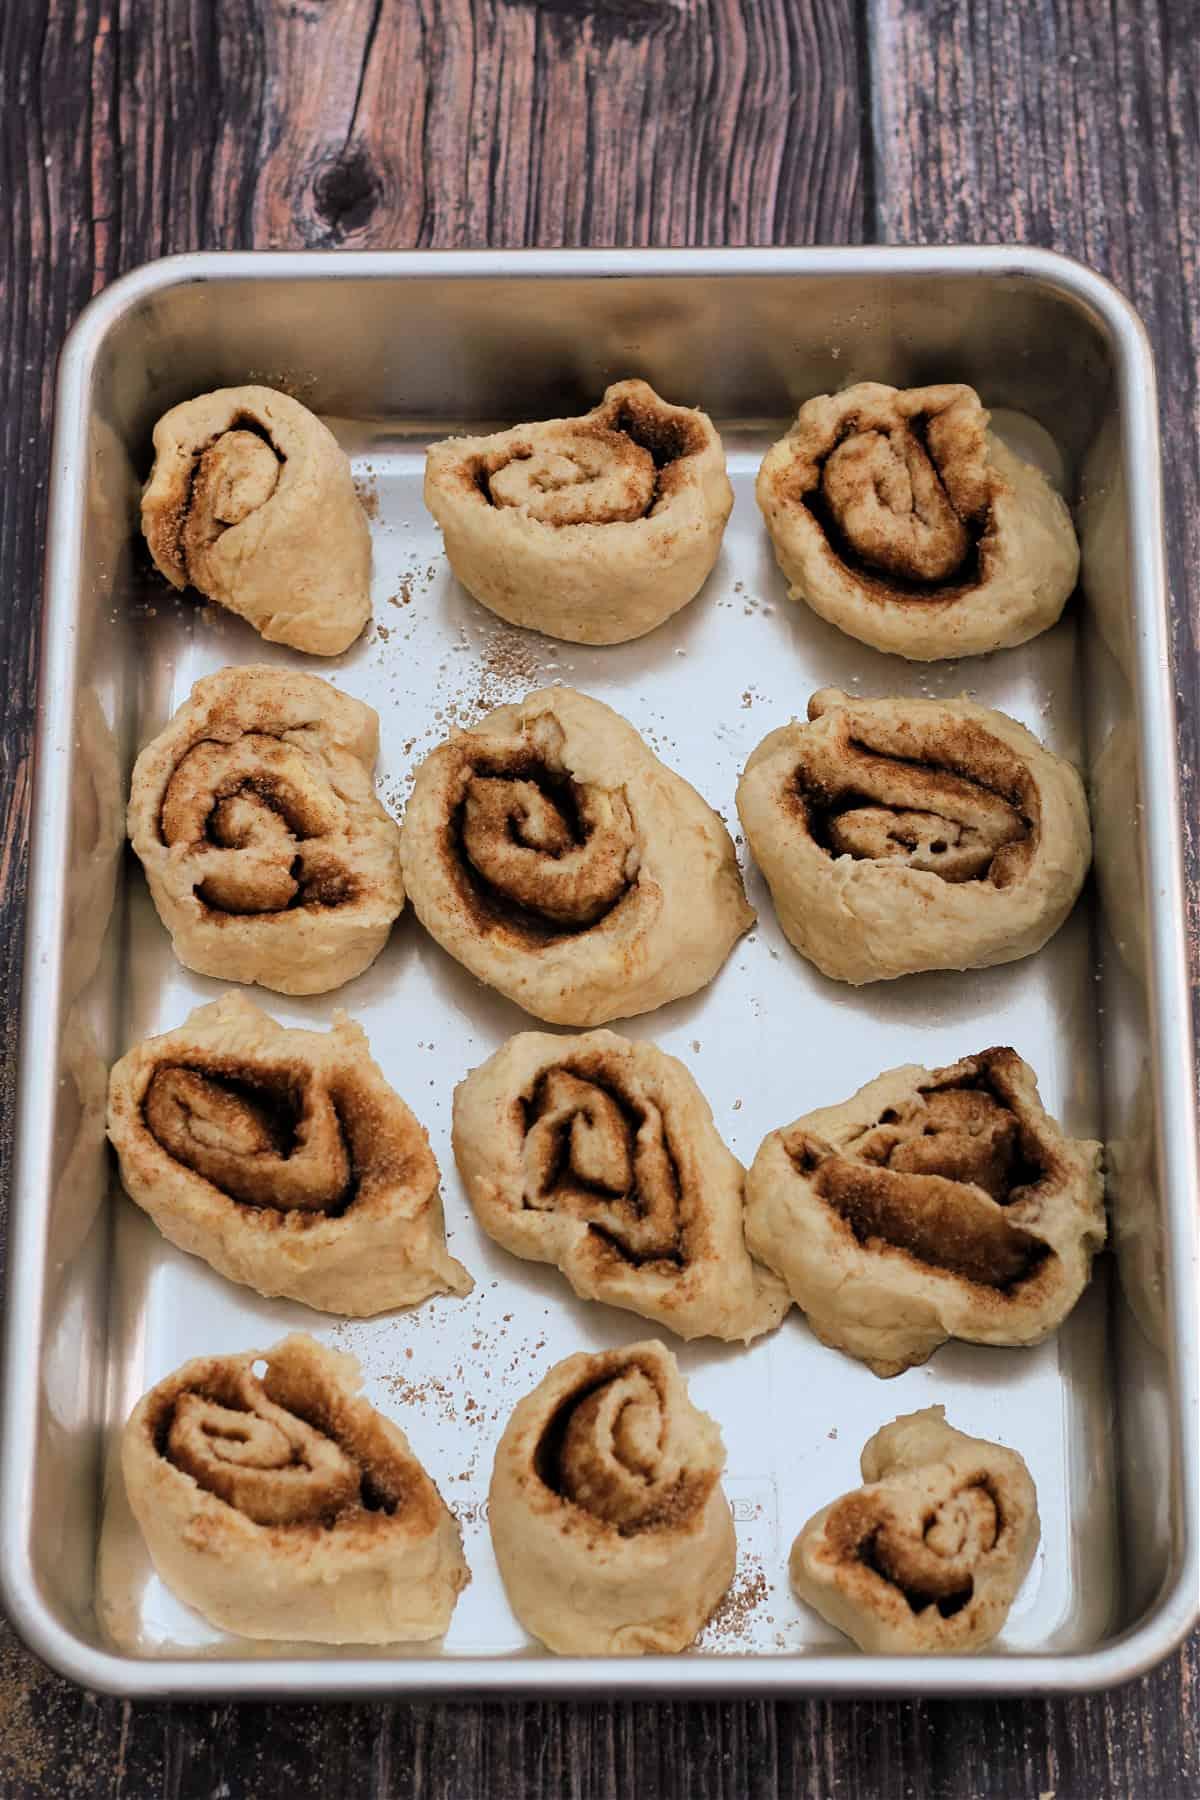 Cinnamon swirls before baking, in baking tin.